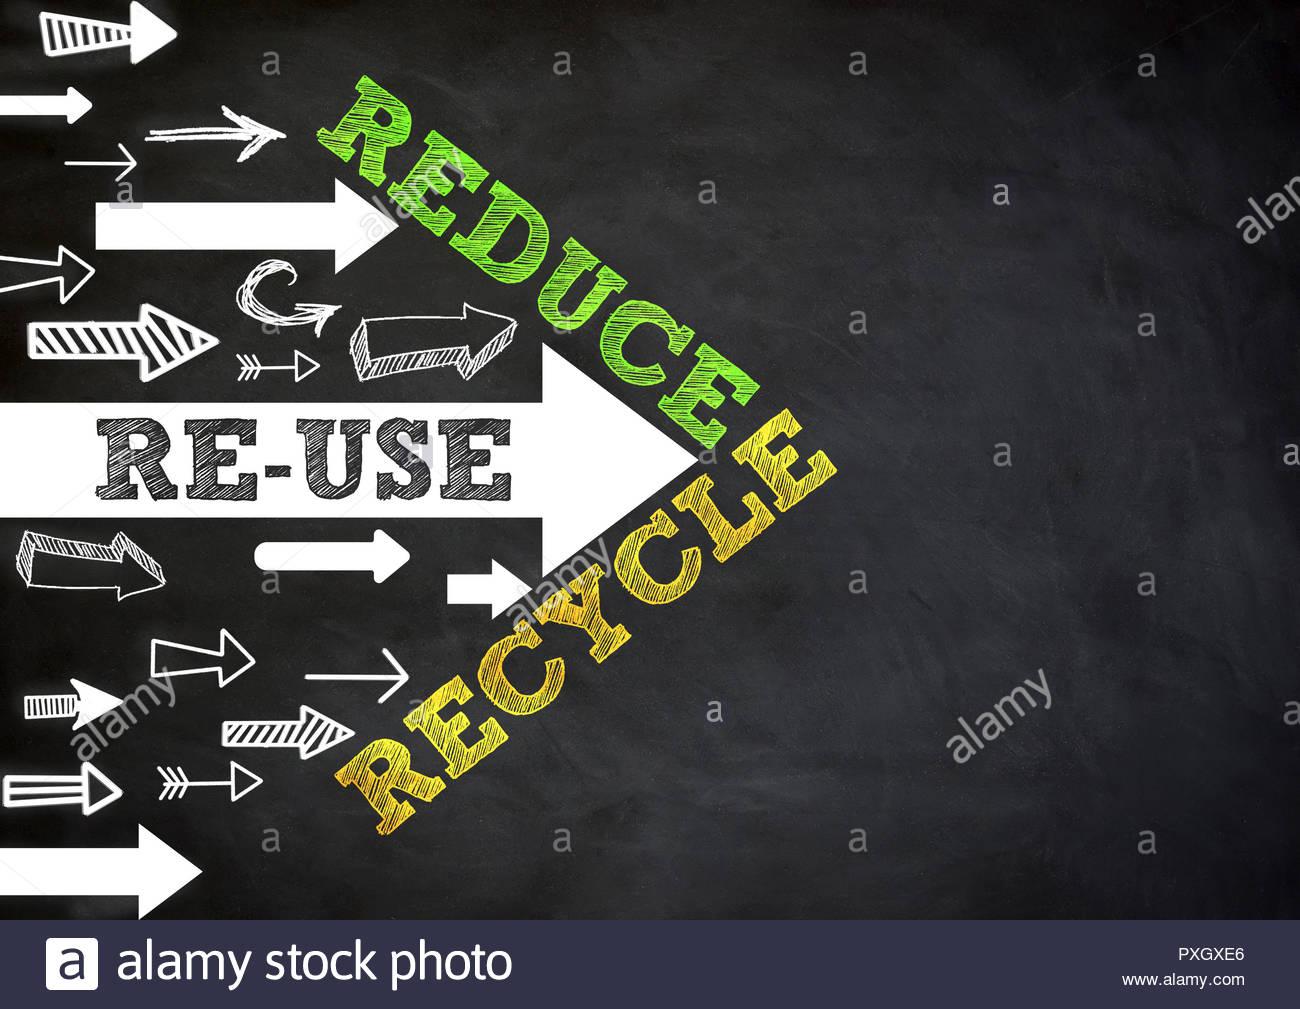 Ridurre - riutilizzare - Riciclare Immagini Stock